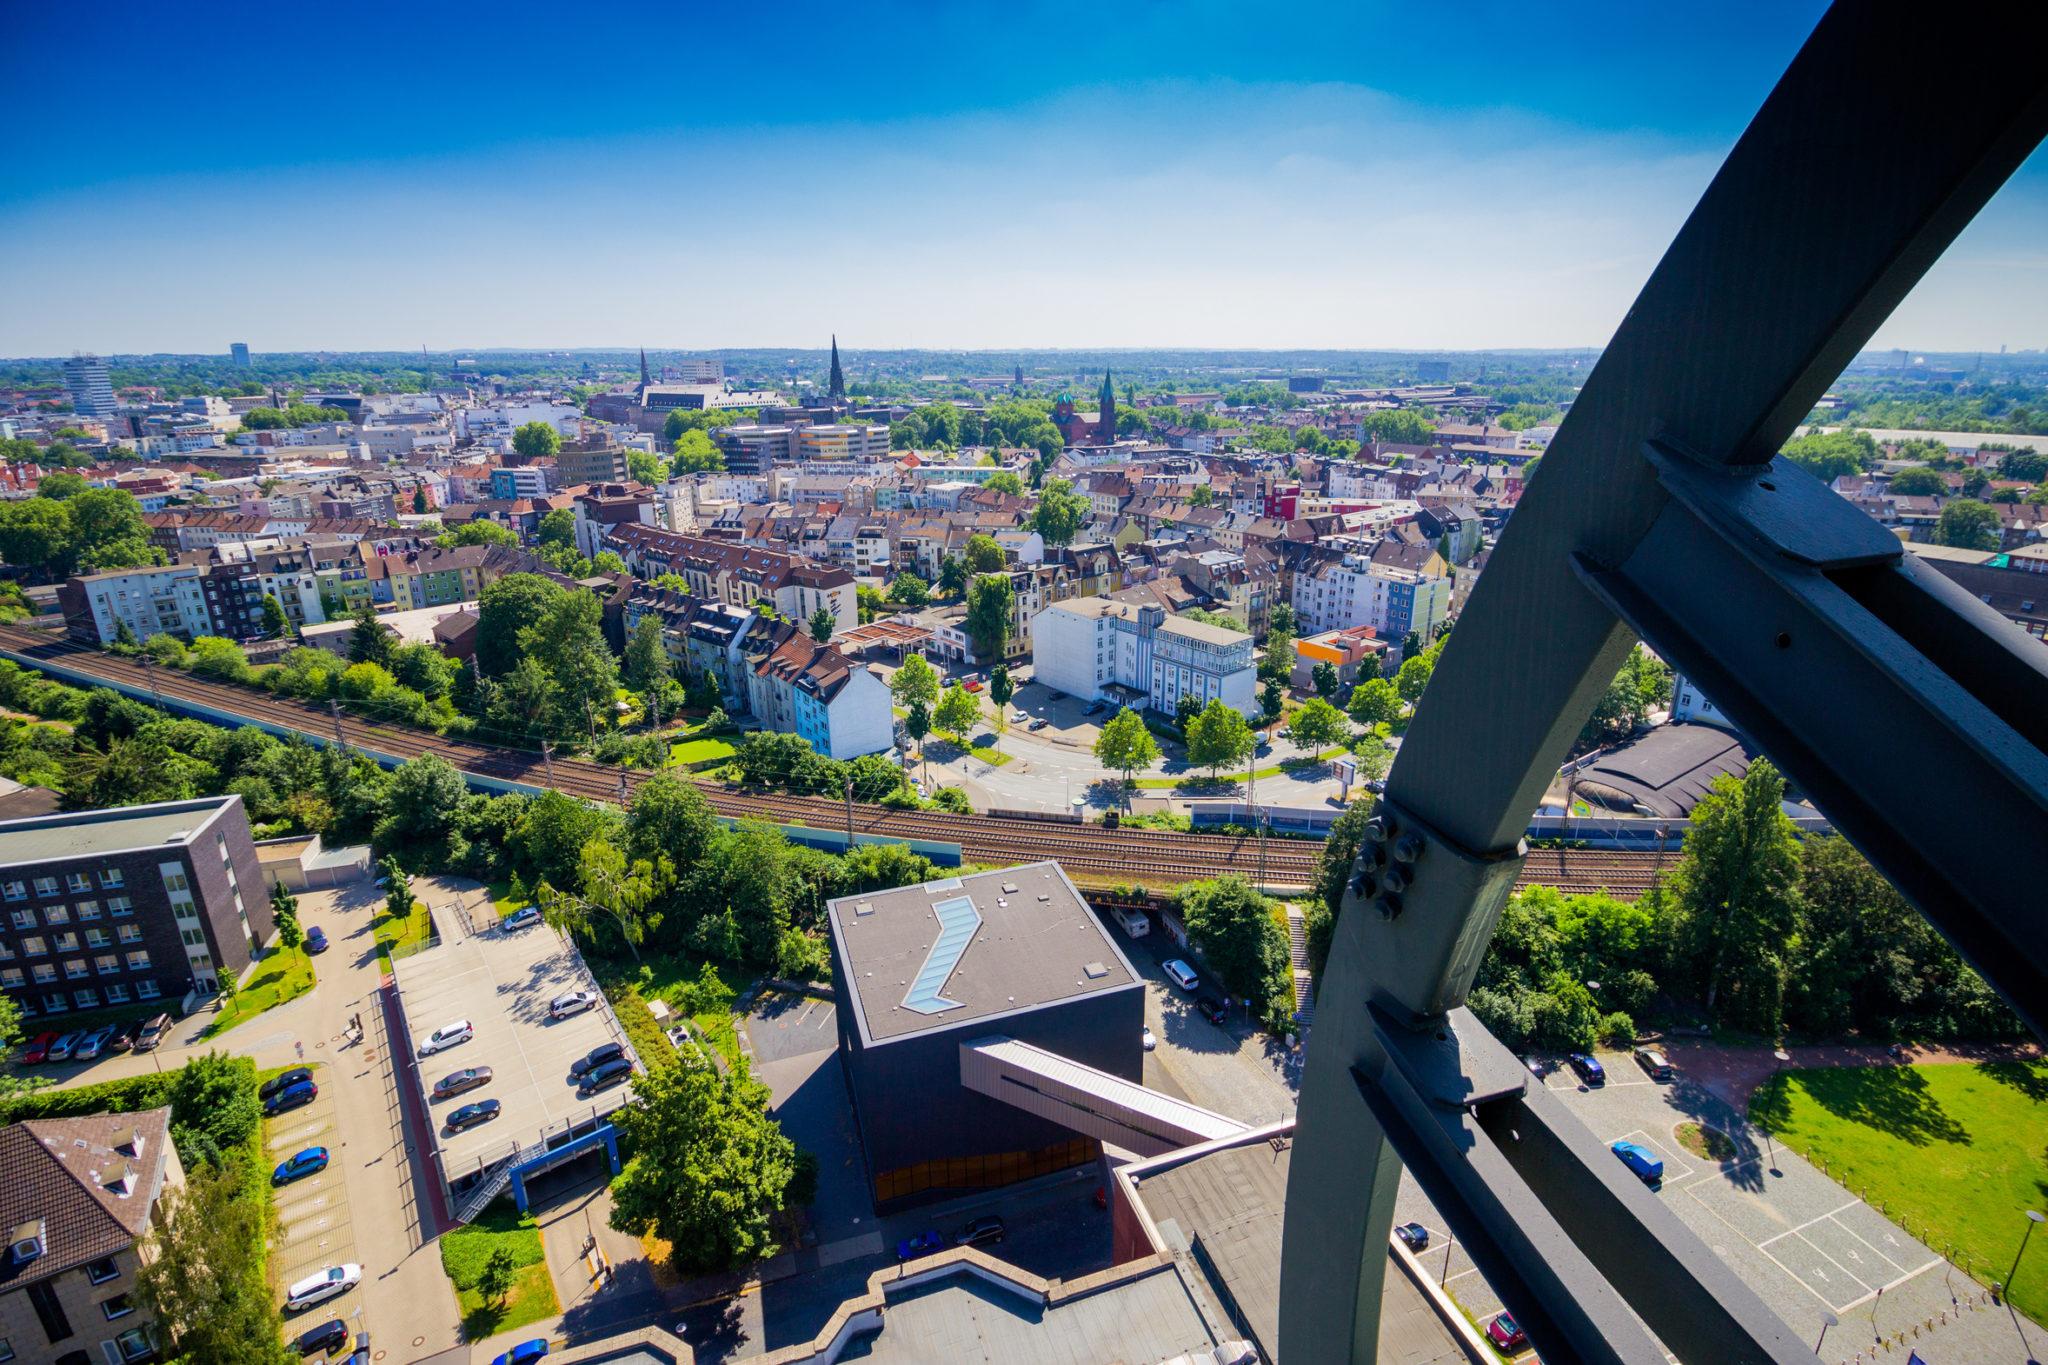 Haushaltsauflösung und Entrümpelung in Bochum